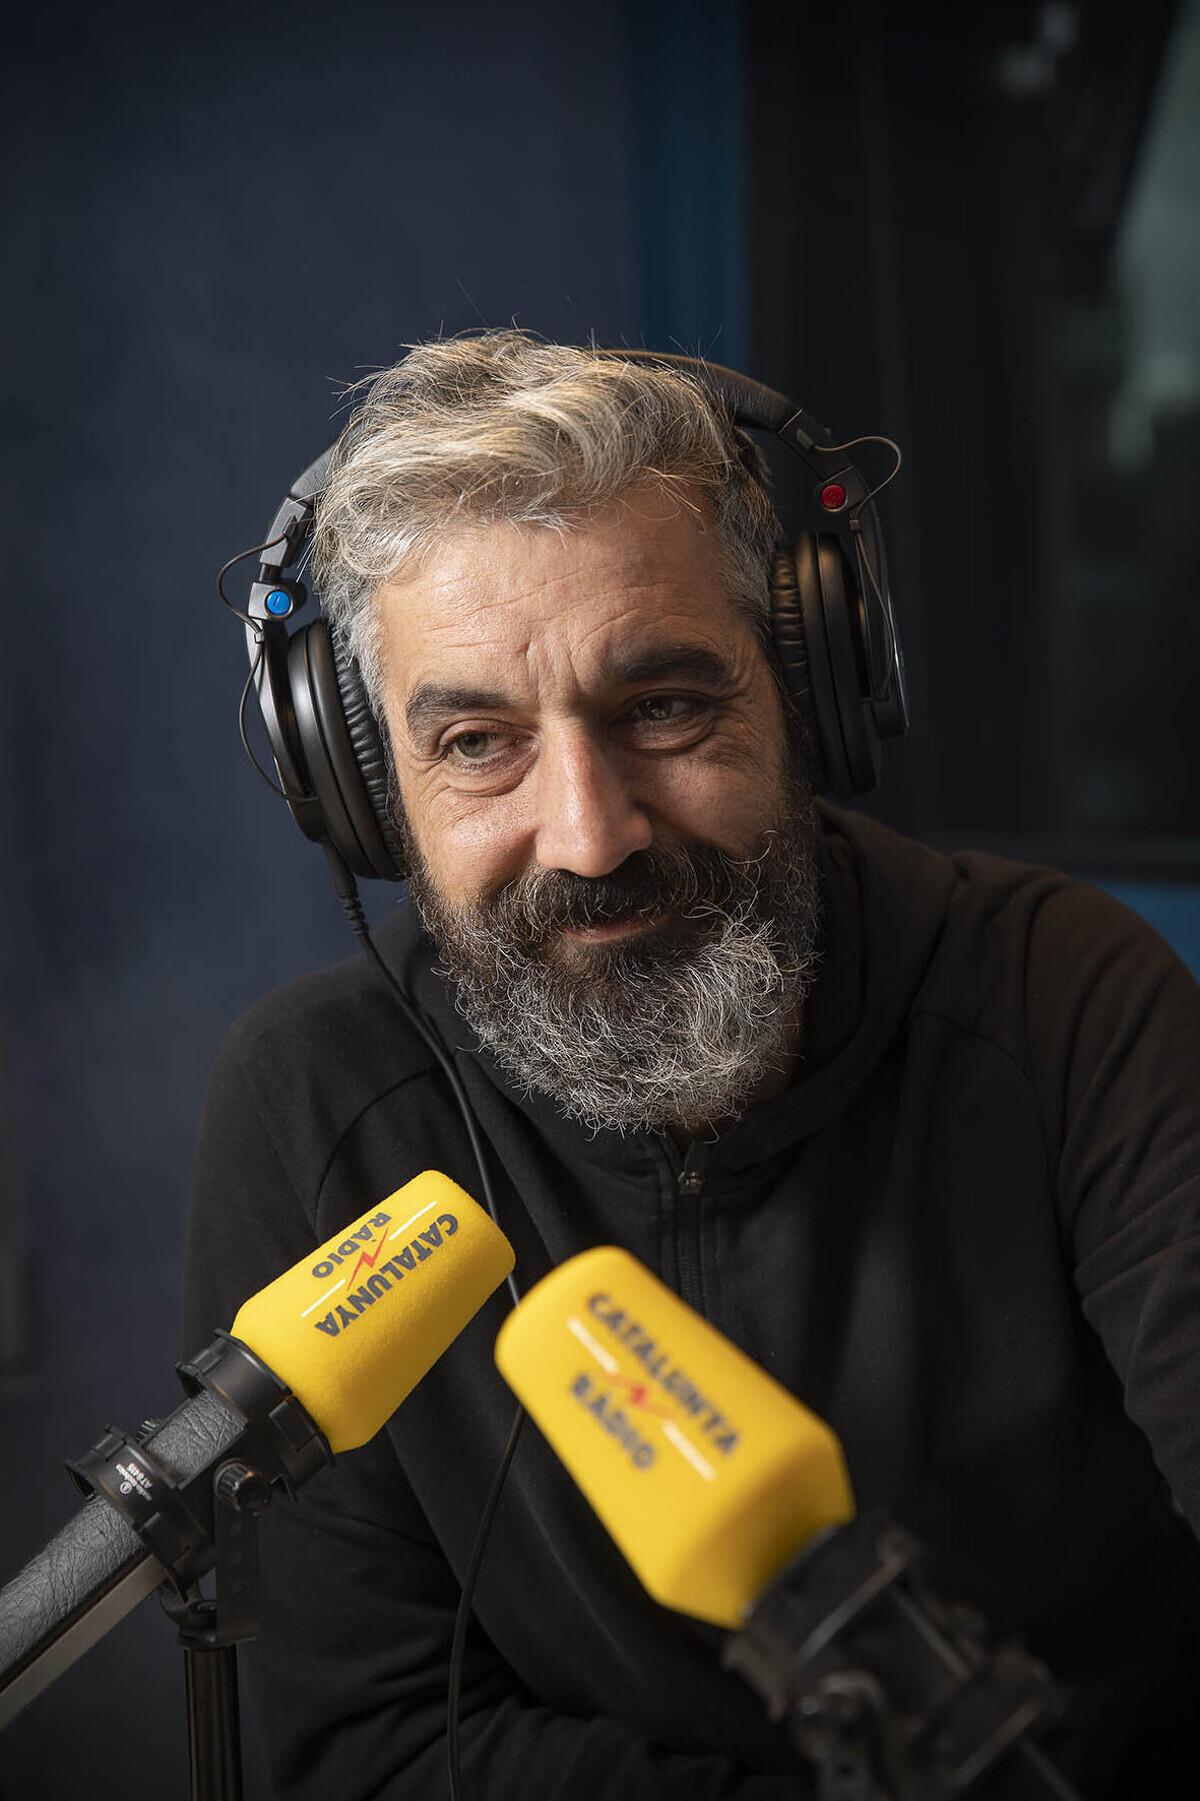 El presentador creu que Barcelona ja ha mort d'èxit internacionalment i que ara toca fer-la habitable